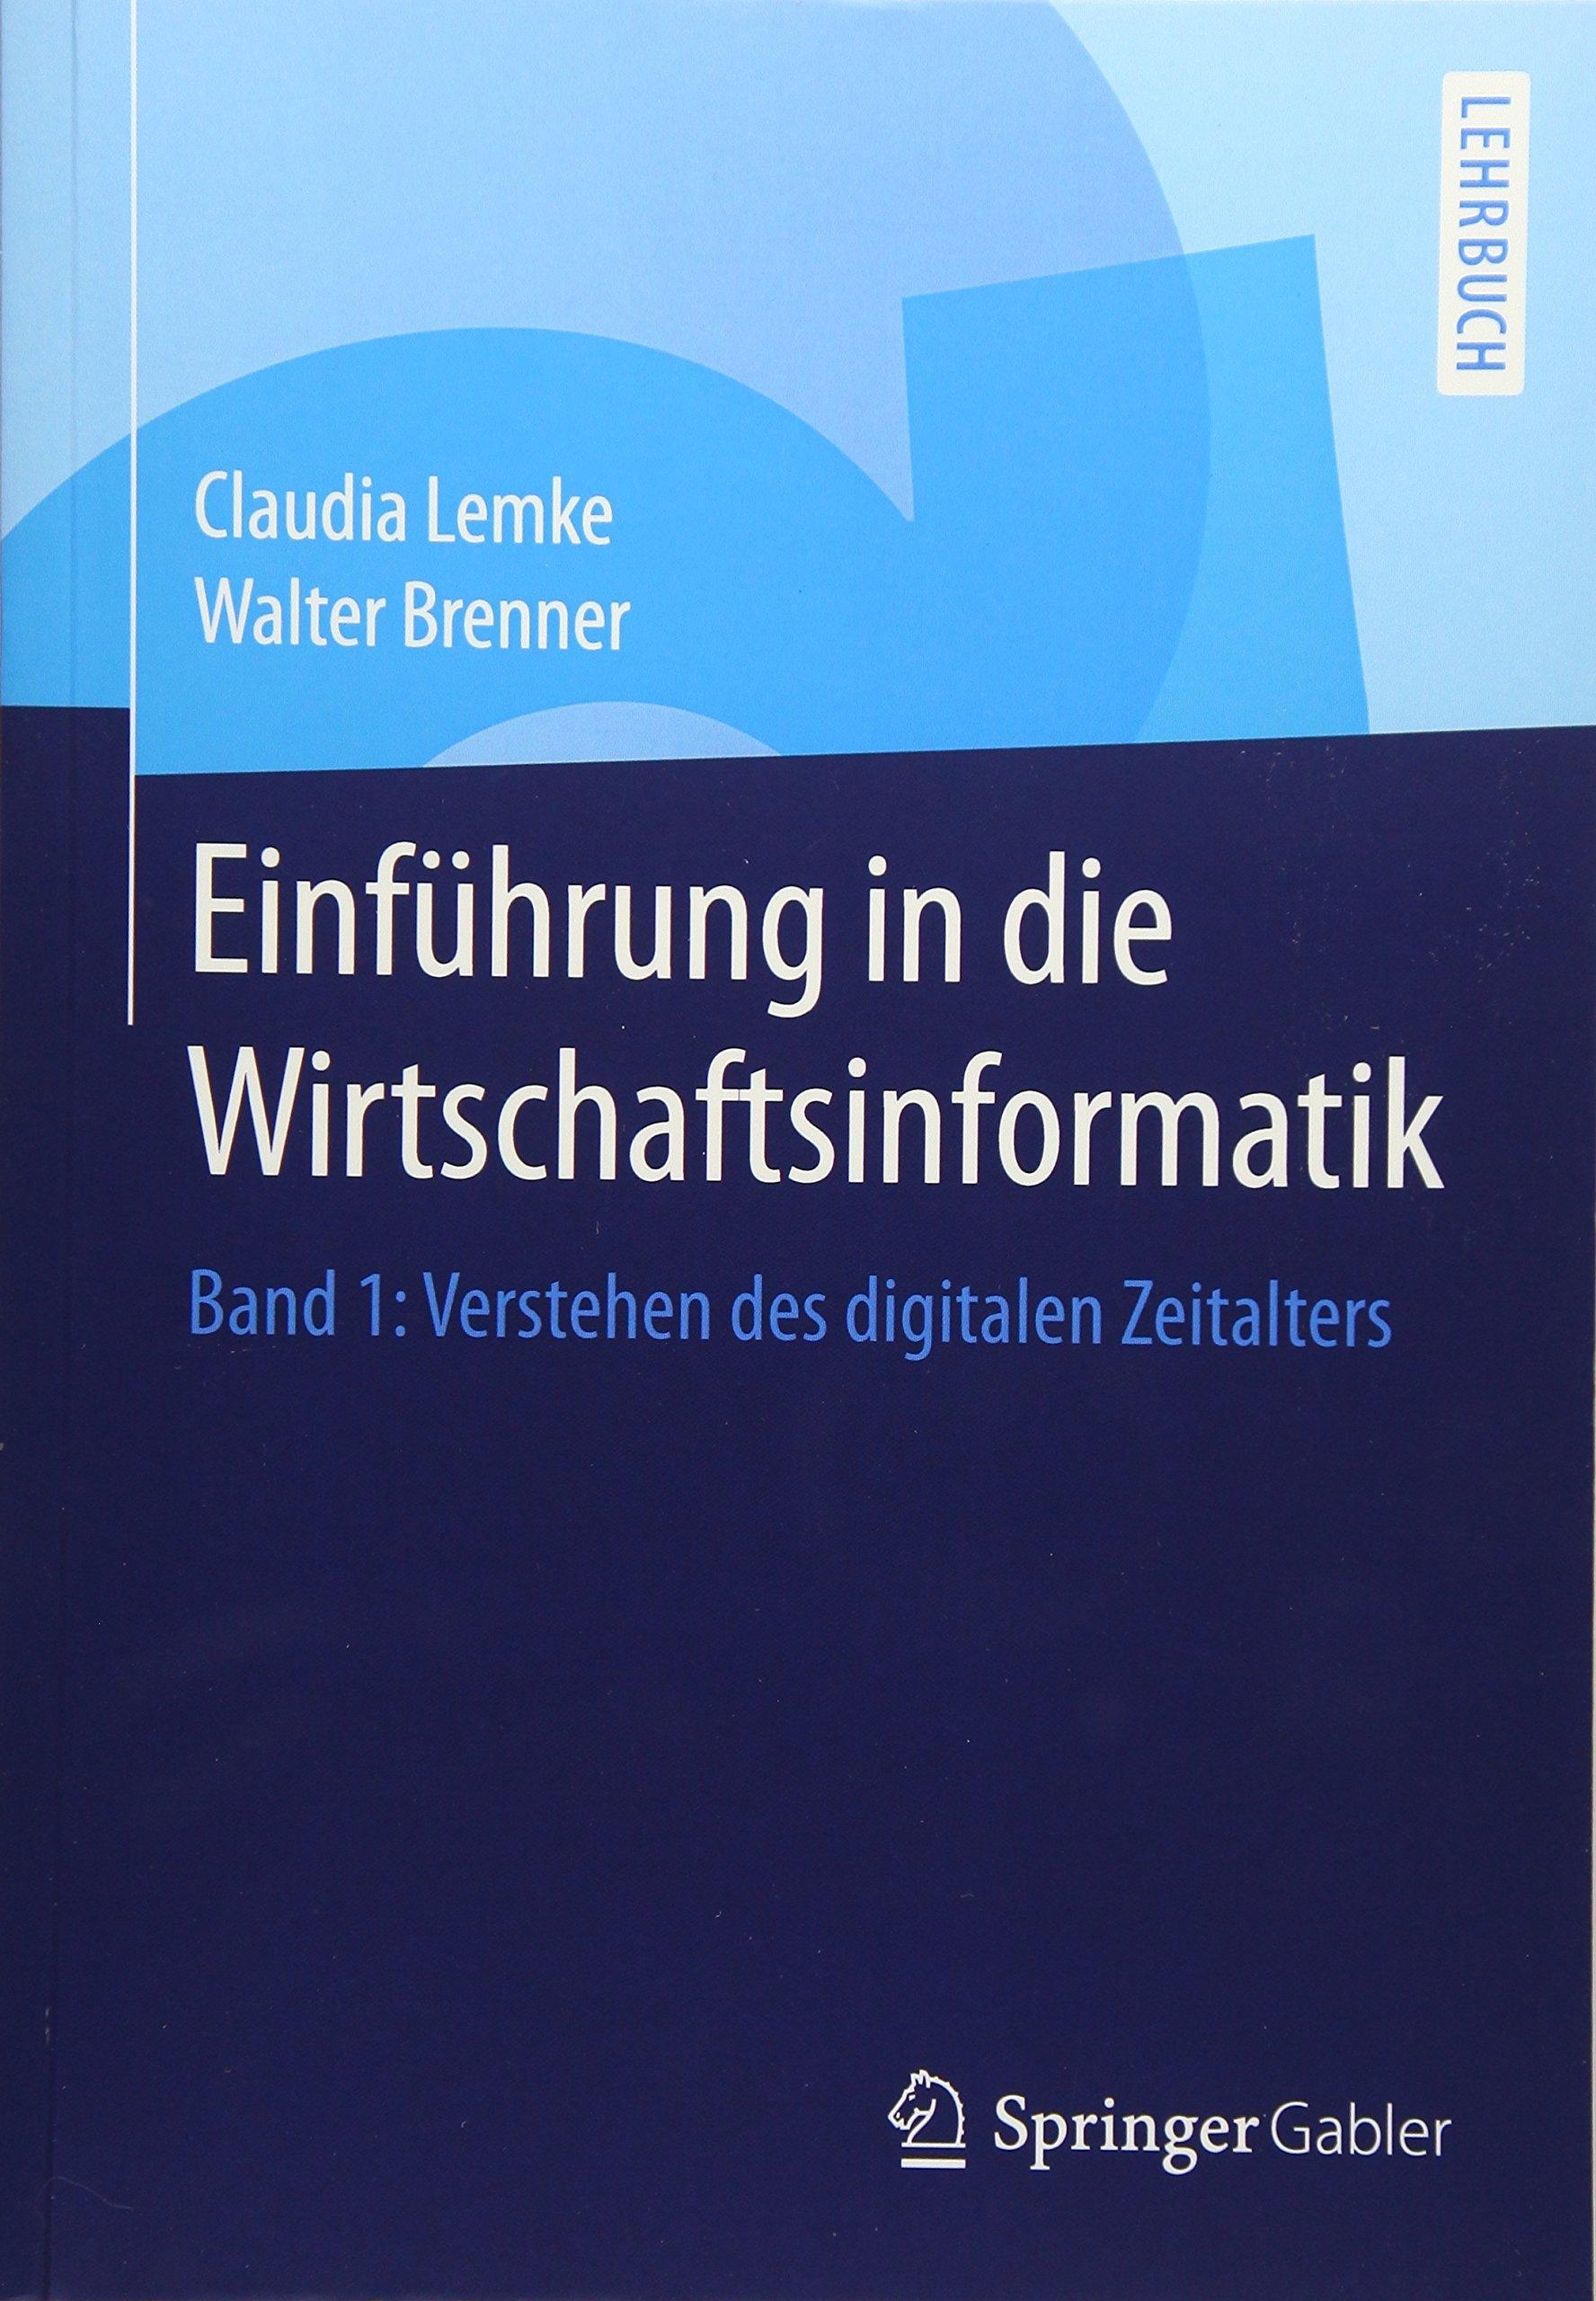 Einführung in die Wirtschaftsinformatik: Band 1: Verstehen des digitalen Zeitalters Taschenbuch – 20. November 2014 Claudia Lemke Walter Brenner Springer Gabler 3662440644